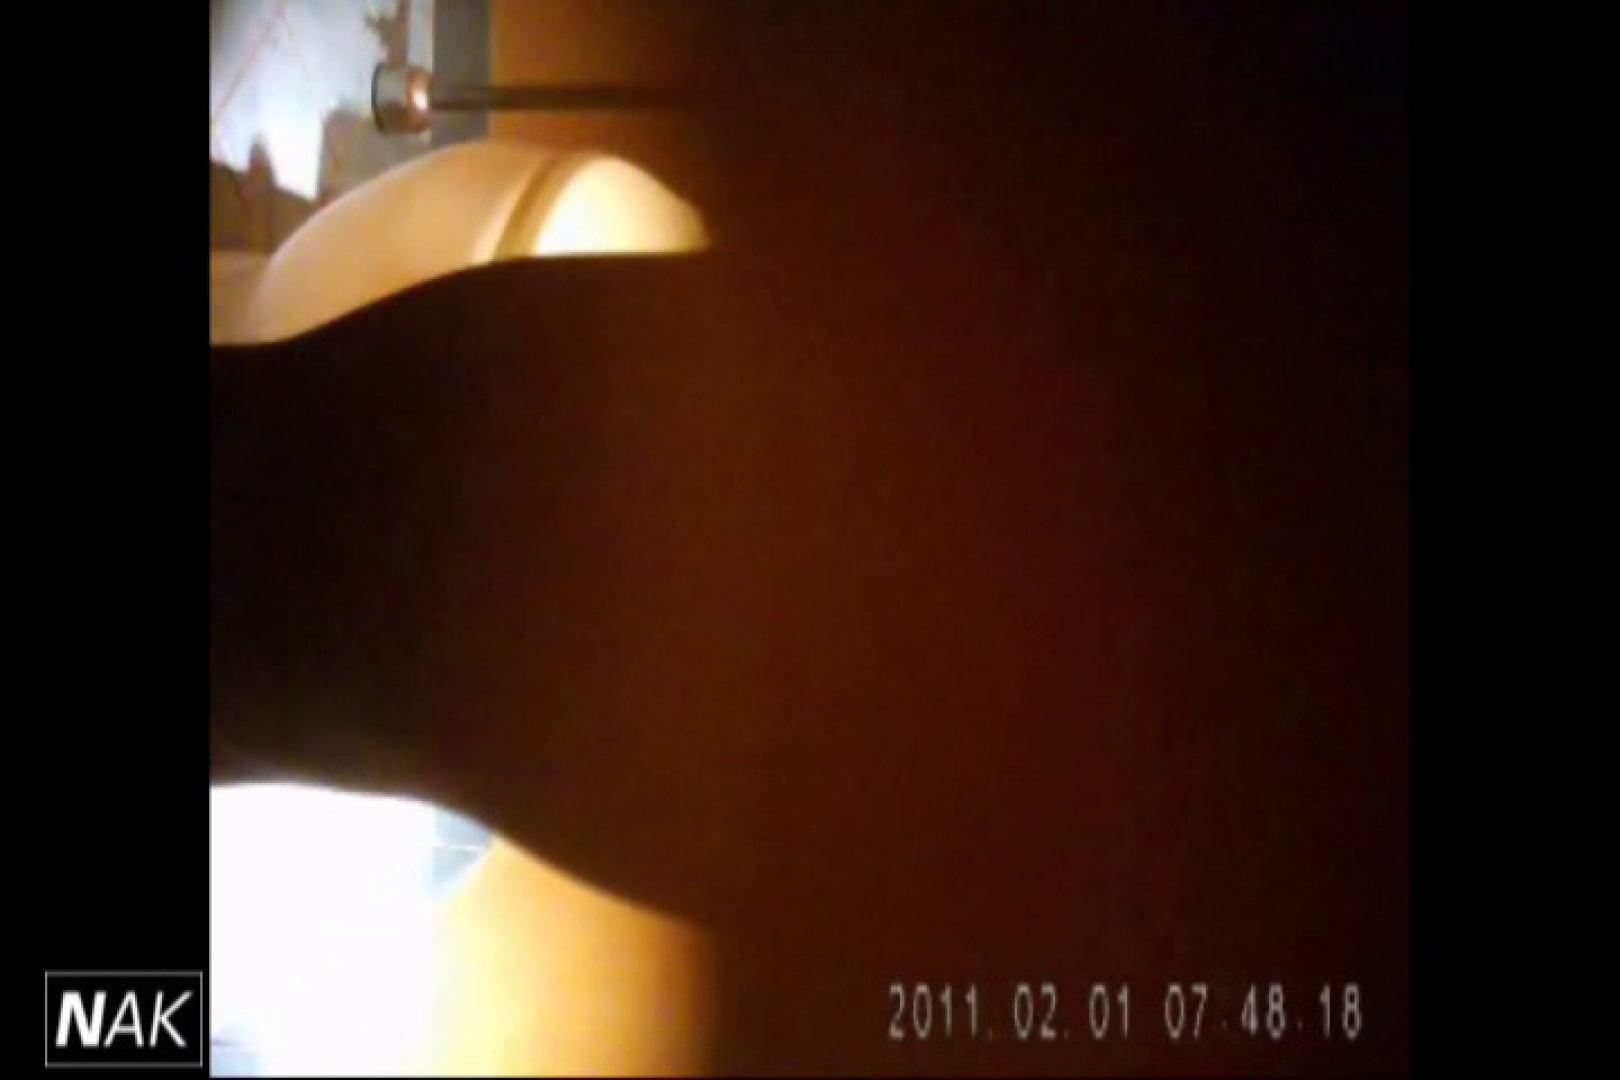 せん八さんの厠観察日記!2点監視カメラ 高画質5000K vol.01 女子の厠 オメコ動画キャプチャ 113pic 61